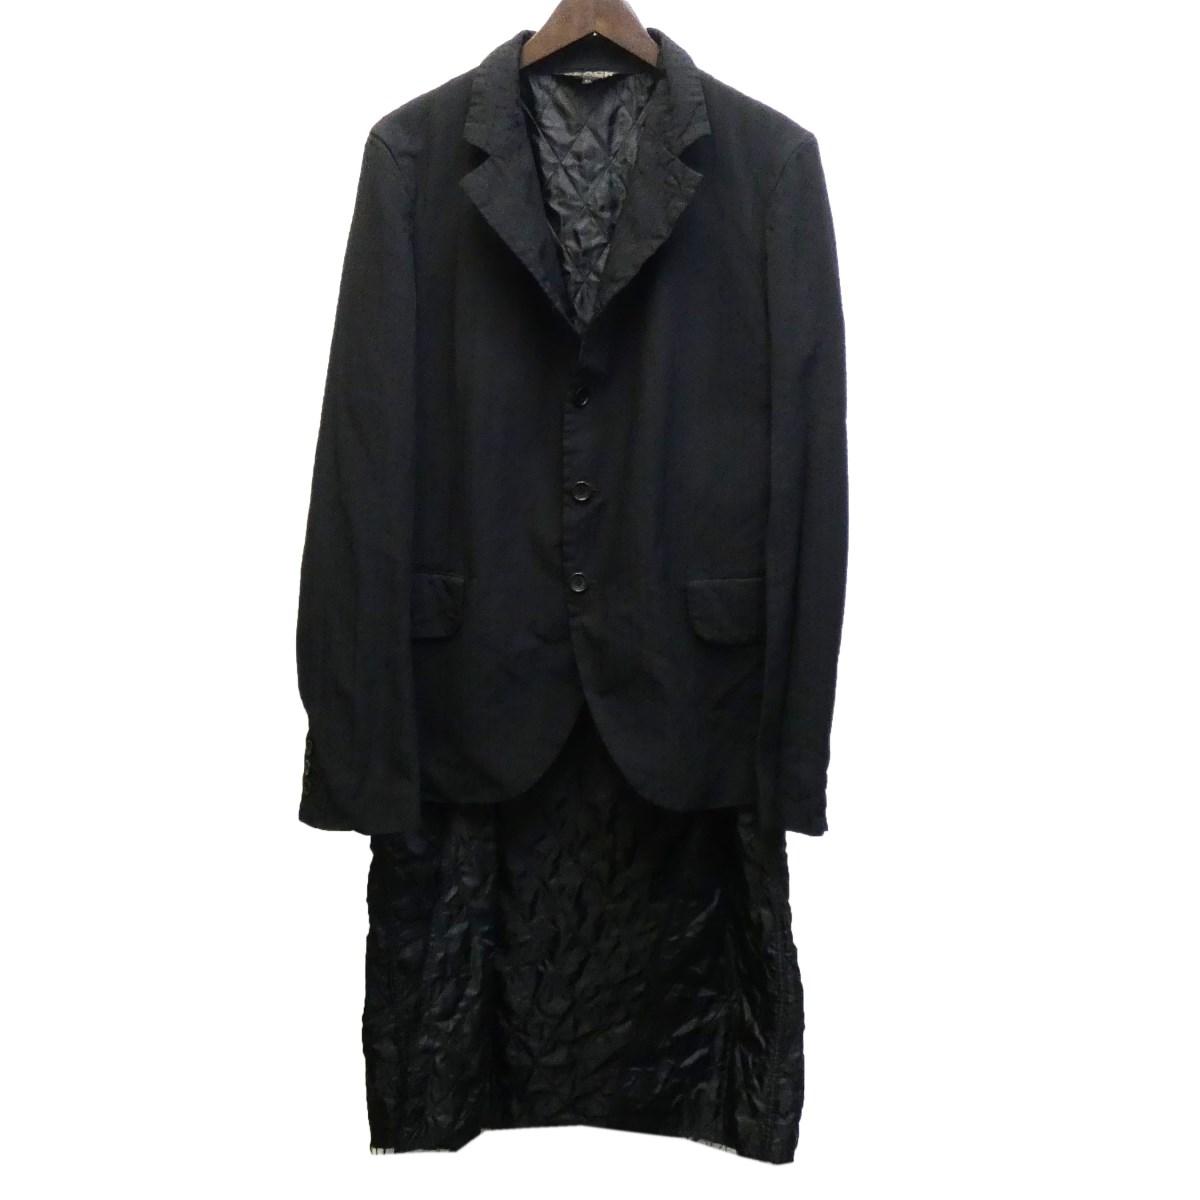 【中古】BLACK COMME des GARCONS 18AW ポリ縮絨レイヤードジャケット ブラック サイズ:M 【030320】(ブラック コムデギャルソン)